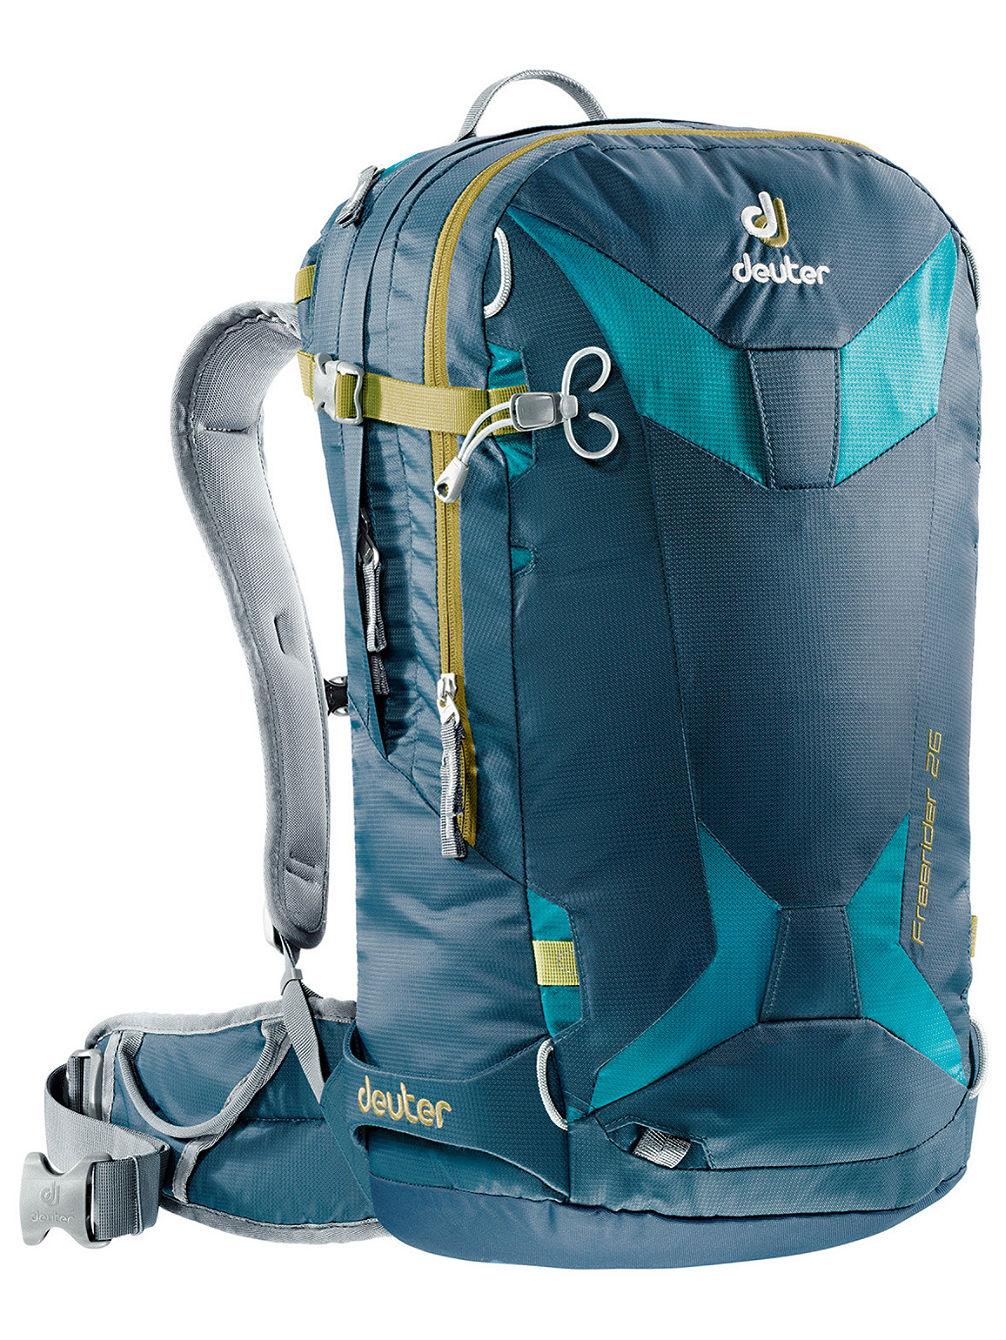 deuter-freerider-26l-backpack